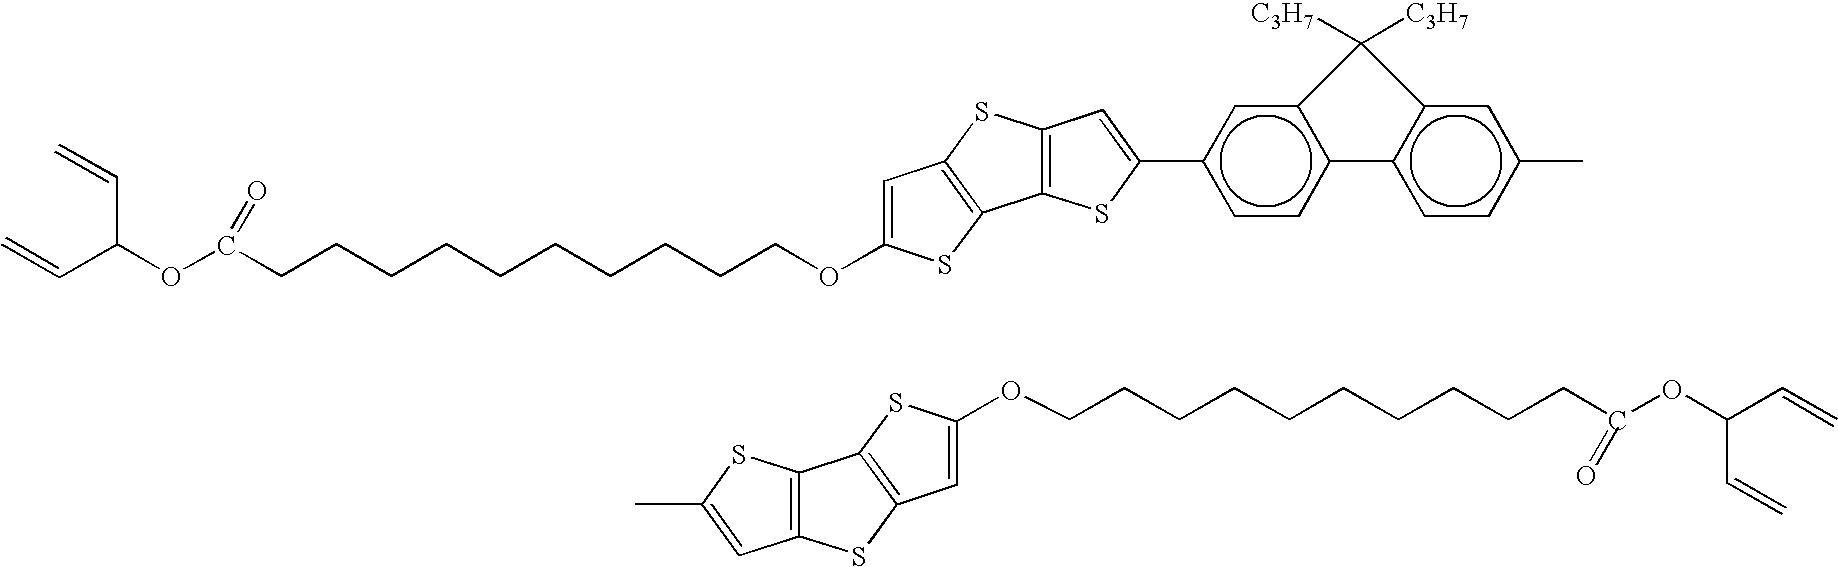 Figure US20050110384A1-20050526-C00006